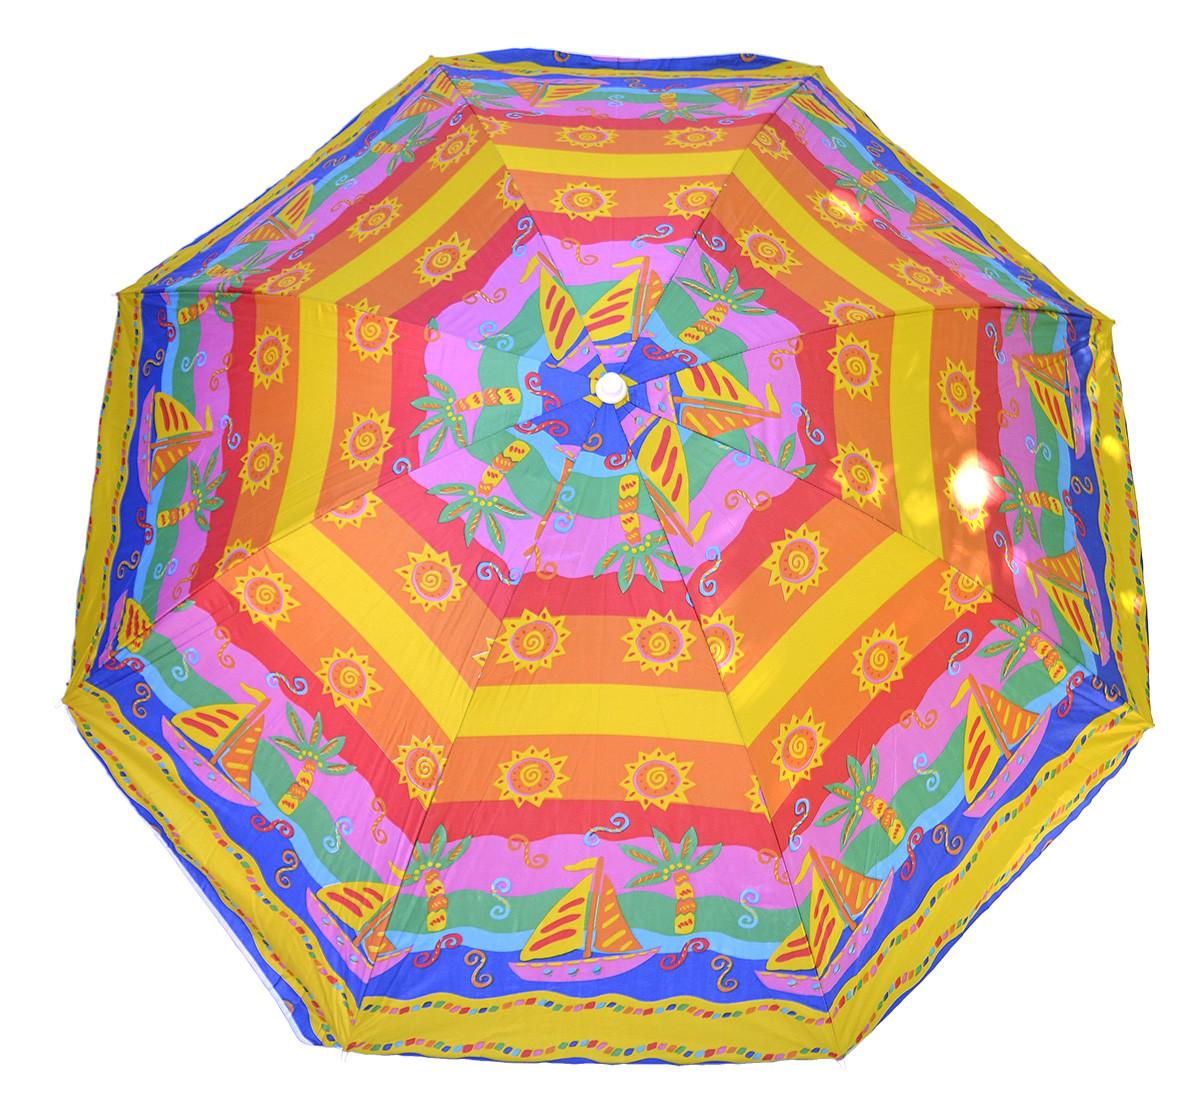 Пляжный зонт с серебристым напылением 1.8 м с наклоном Радуга